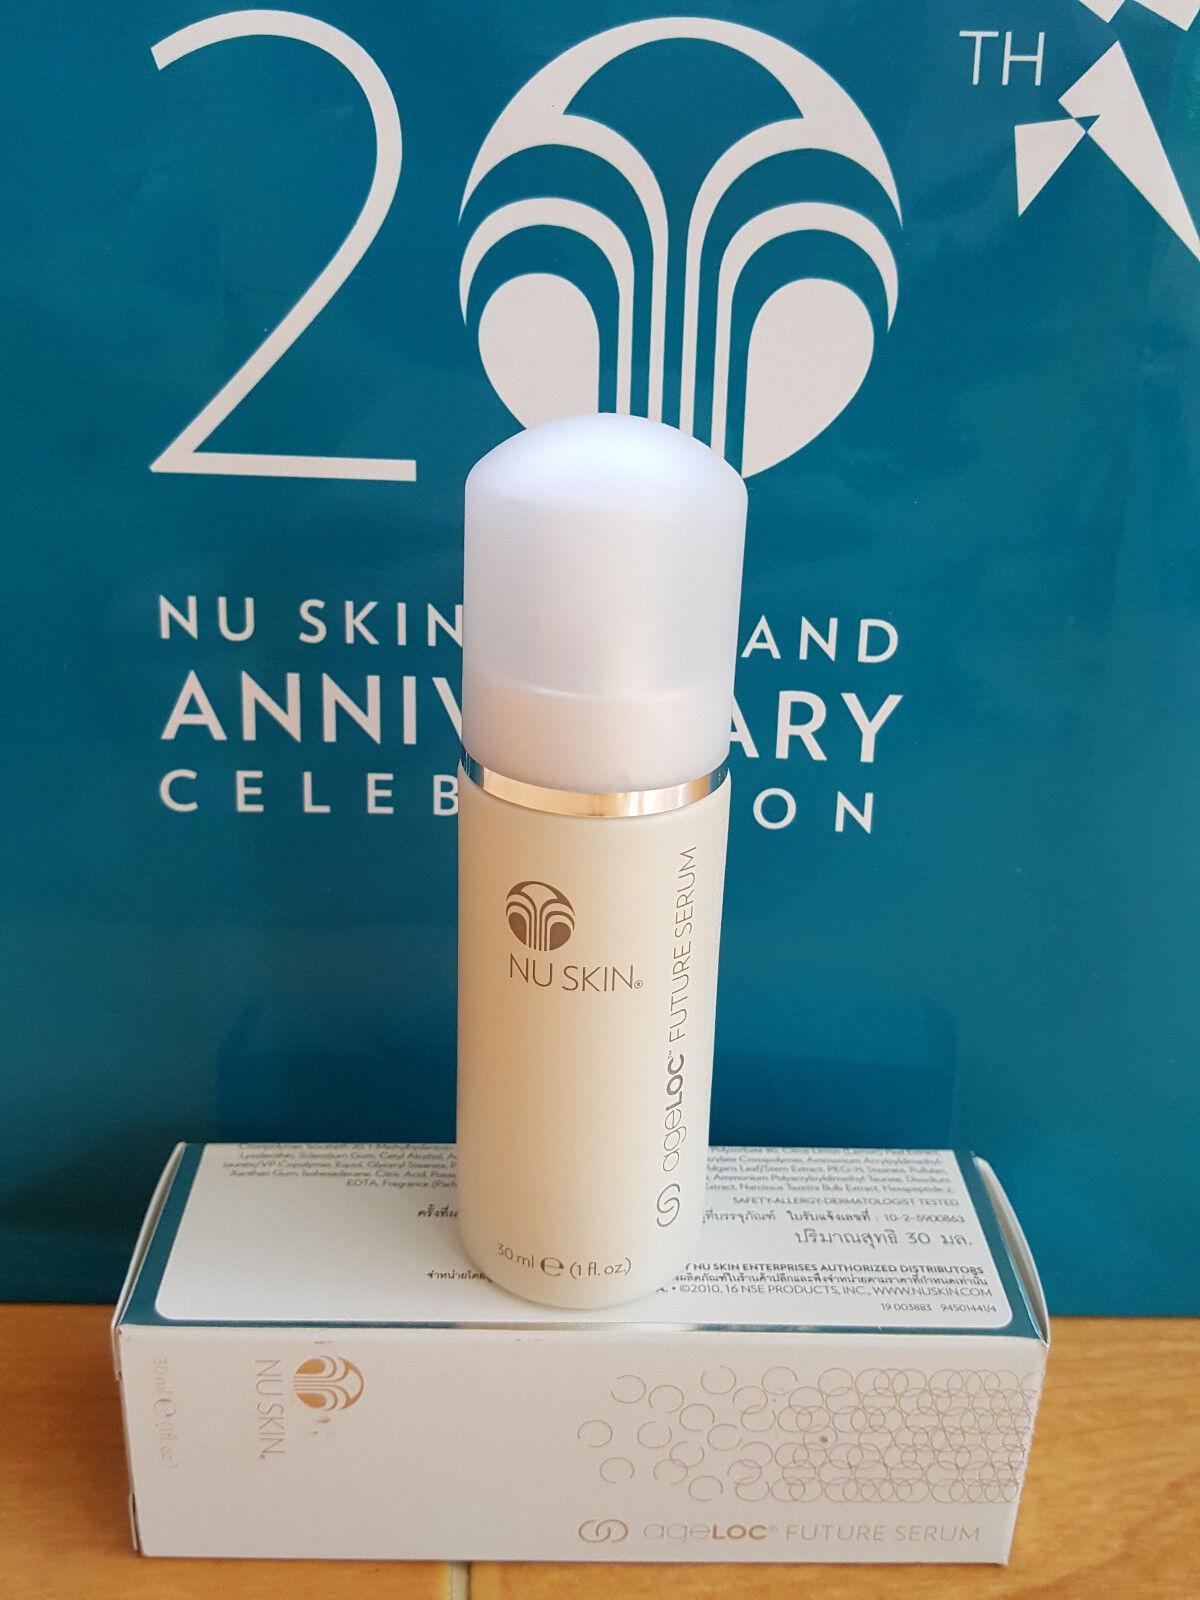 nu skin ageloc future serum